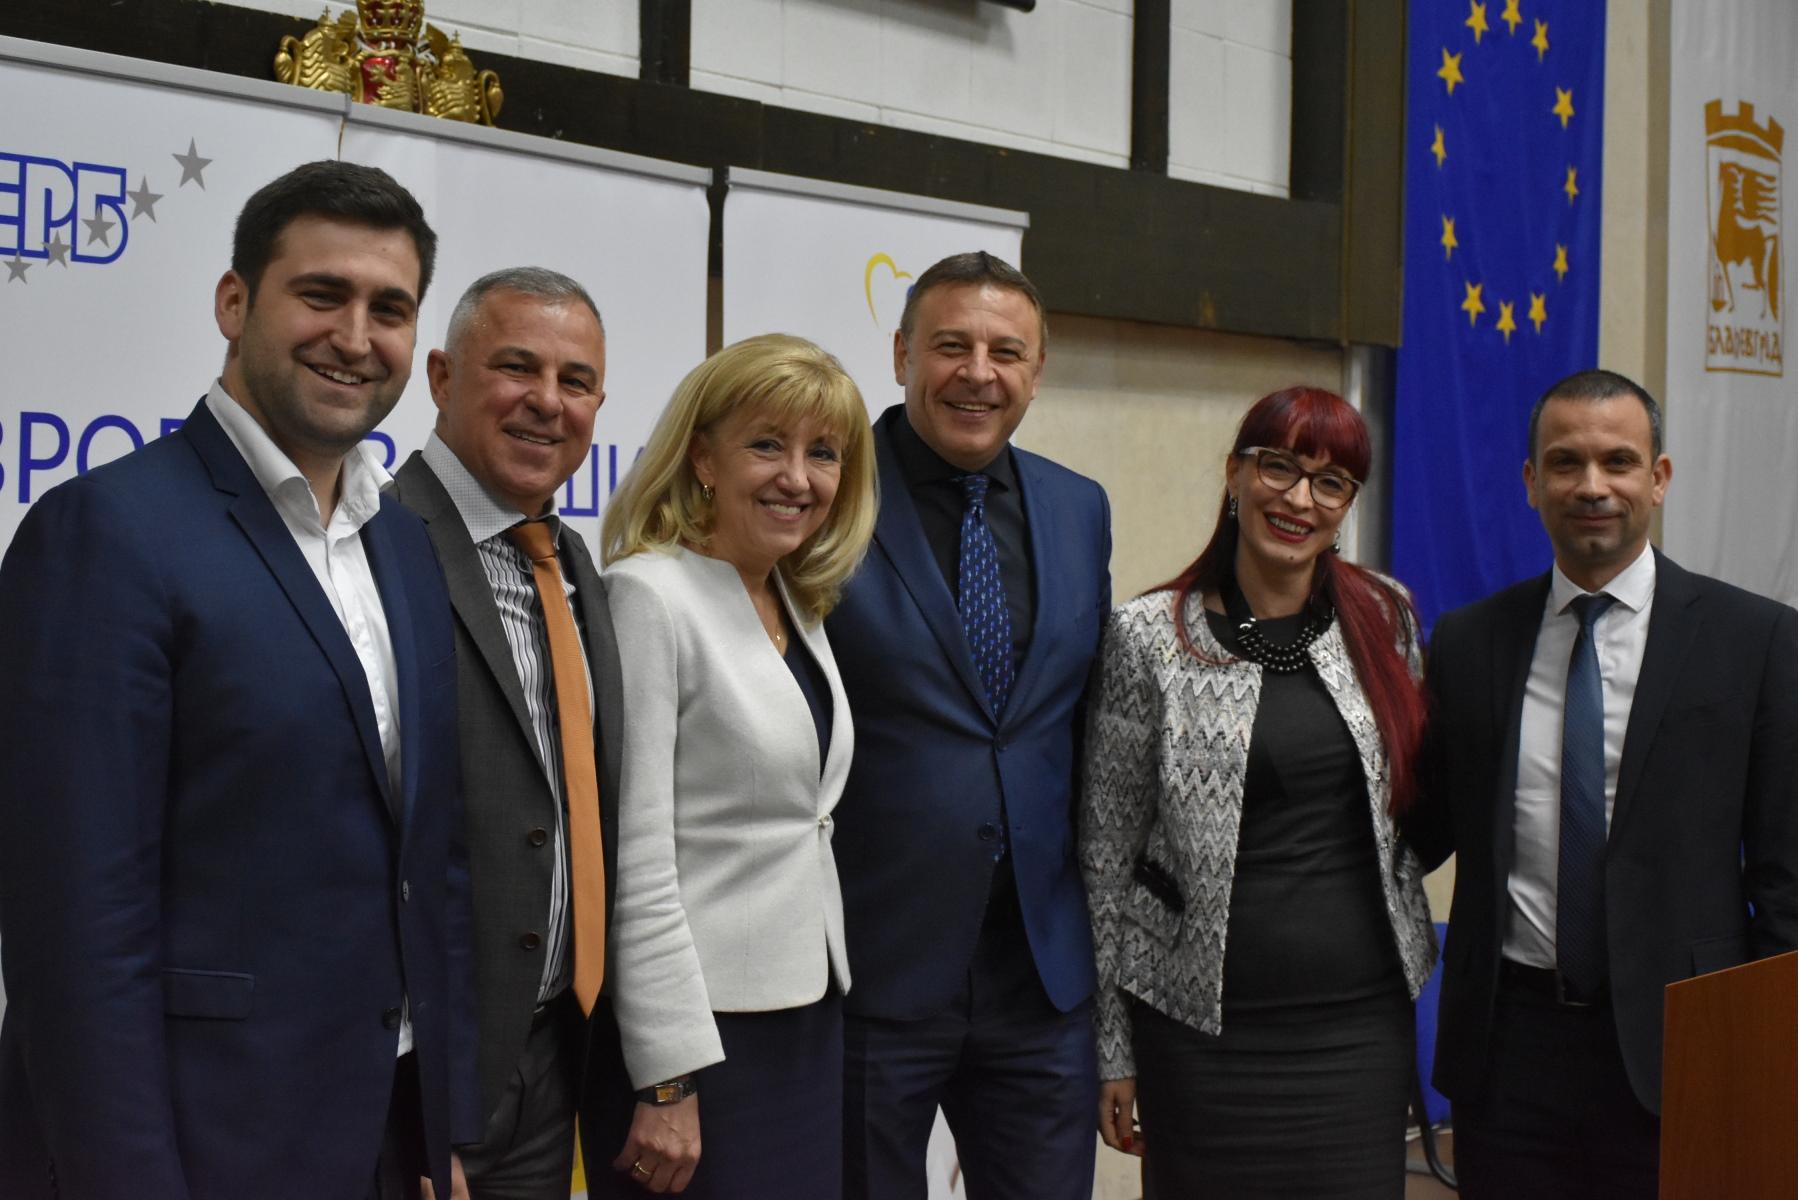 Кметът Камбитов на среща  Европа в нашия дом : При липса на консолидация на Асоциацията по ВиК, трябва да търсим възможности за целево финансиране